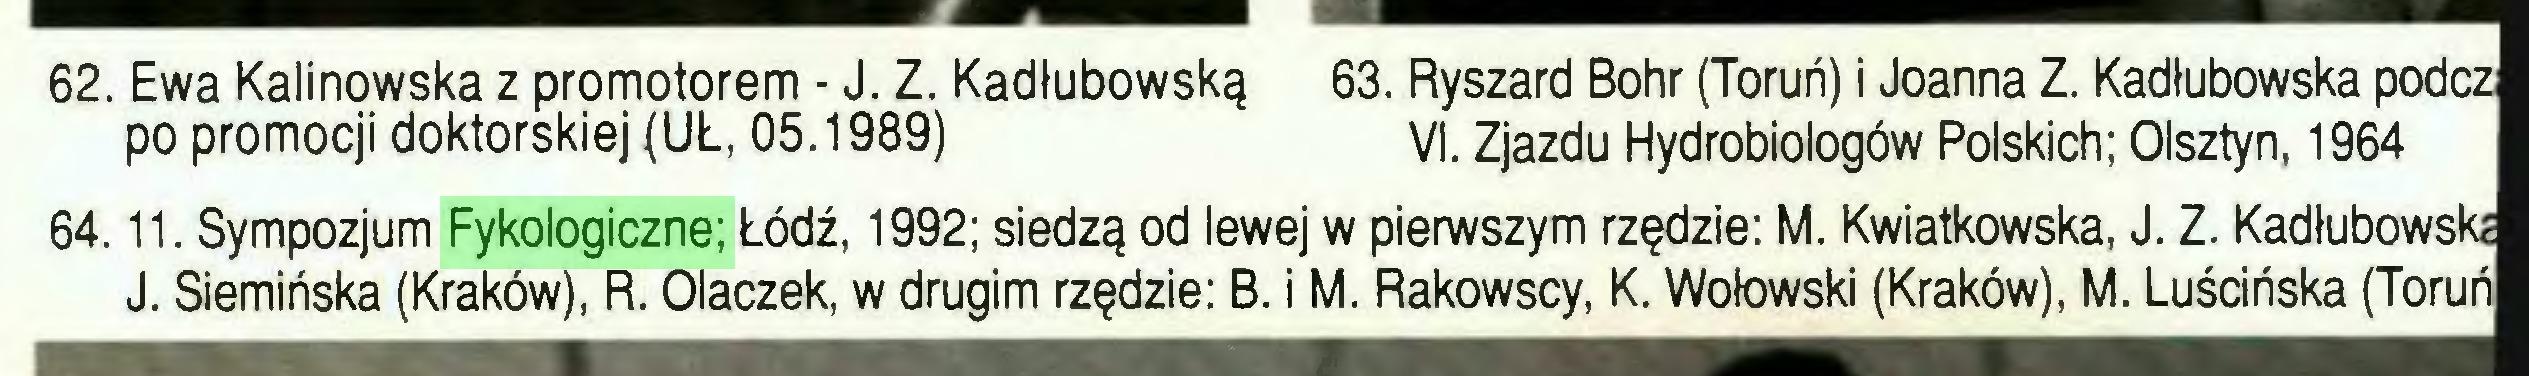 (...) 62. Ewa Kalinowska z promotorem - J. Z. Kadłubowską 63. Ryszard Bohr (Toruń) i Joanna Z. Kadłubowska podcz po promocji doktorskiej (UL, 05.1989) VI. Zjazdu Hydrobiologów Polskich; Olsztyn, 1964 64.11. Sympozjum Fykologiczne; Łódź, 1992; siedzą od lewej w pierwszym rzędzie: M. Kwiatkowska, J. Z. Kadlubows J. Siemińska (Kraków), R. Olaczek, w drugim rzędzie: B. i M. Rakowscy, K. Wołowski (Kraków), M. Luścińska...